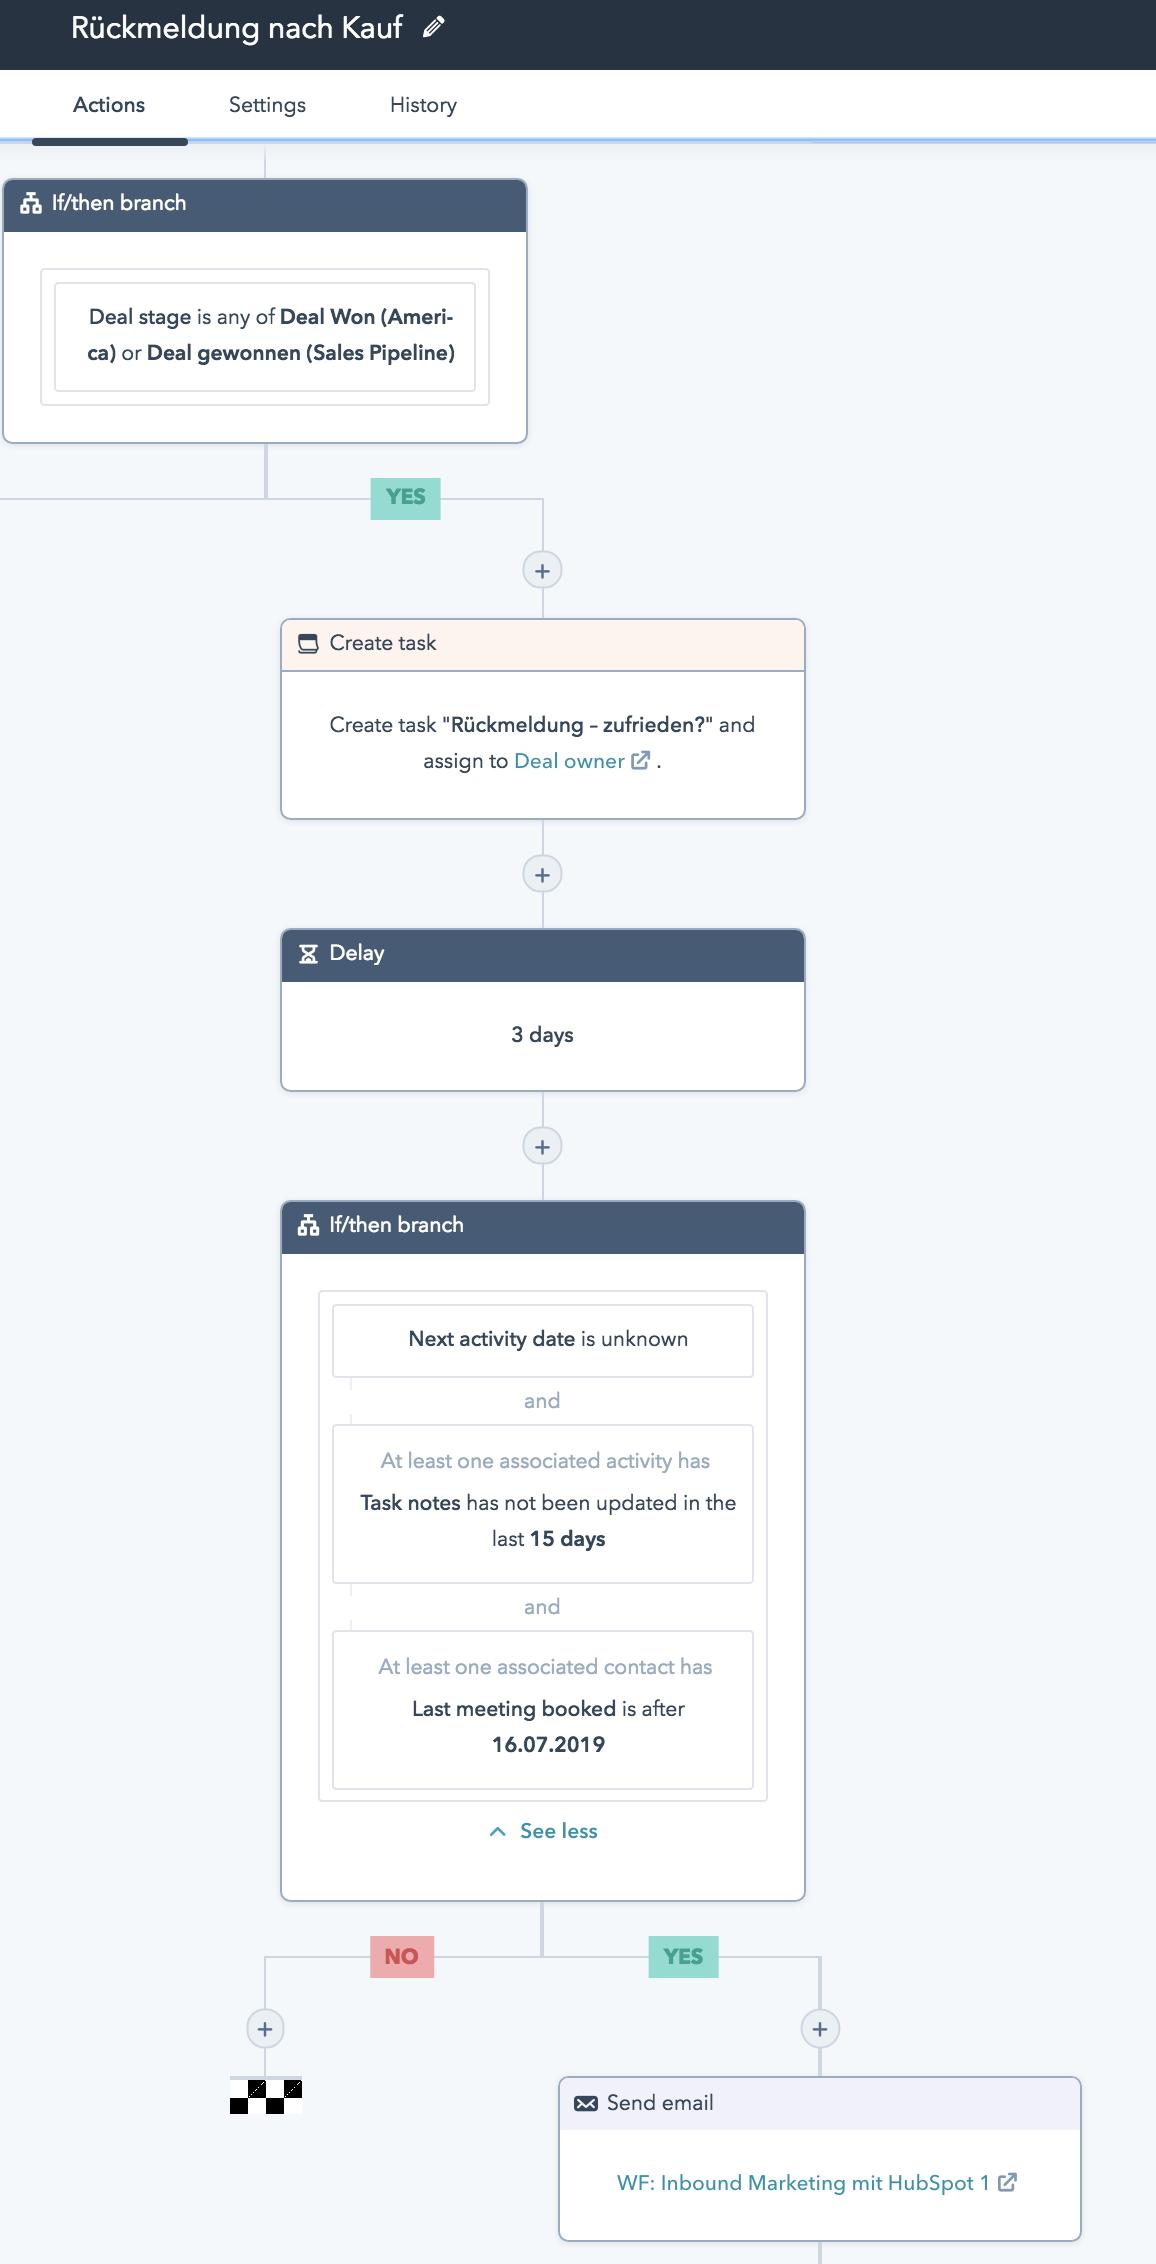 Workflow nach Kauf